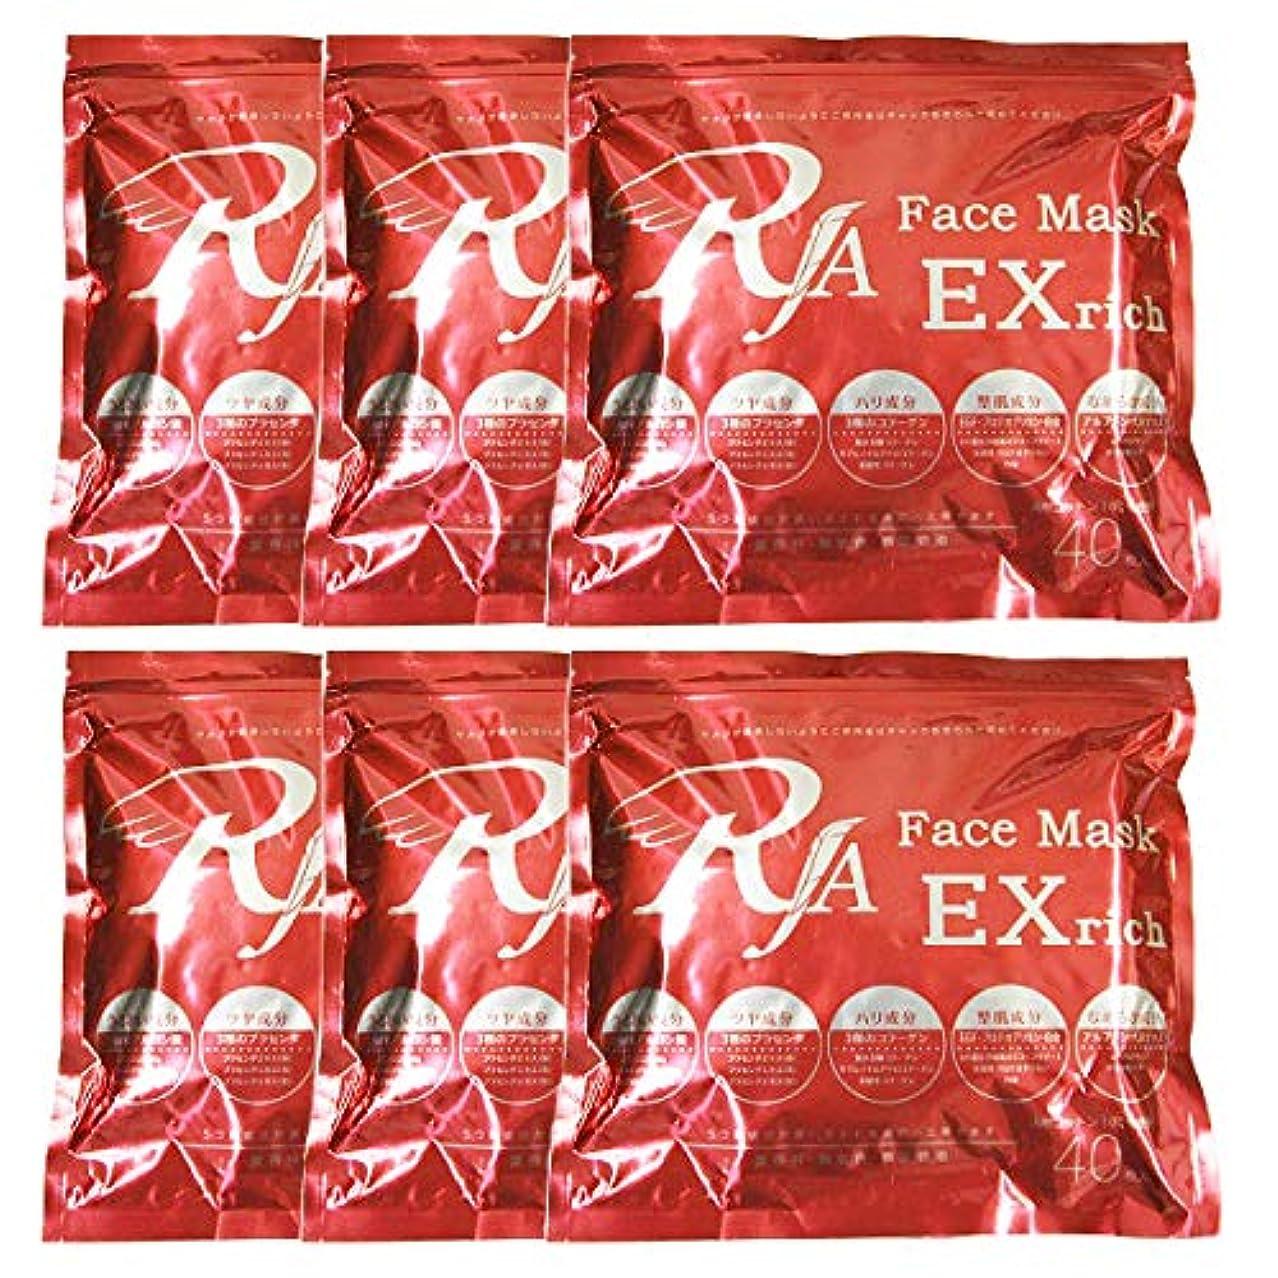 シロクマケーブルカー複雑なTBS公式/RJA フェイス マスク EXrich 240枚入(40枚×6袋) エステ使用の実力派フェイスマスク!1枚に約11mlもの美容液